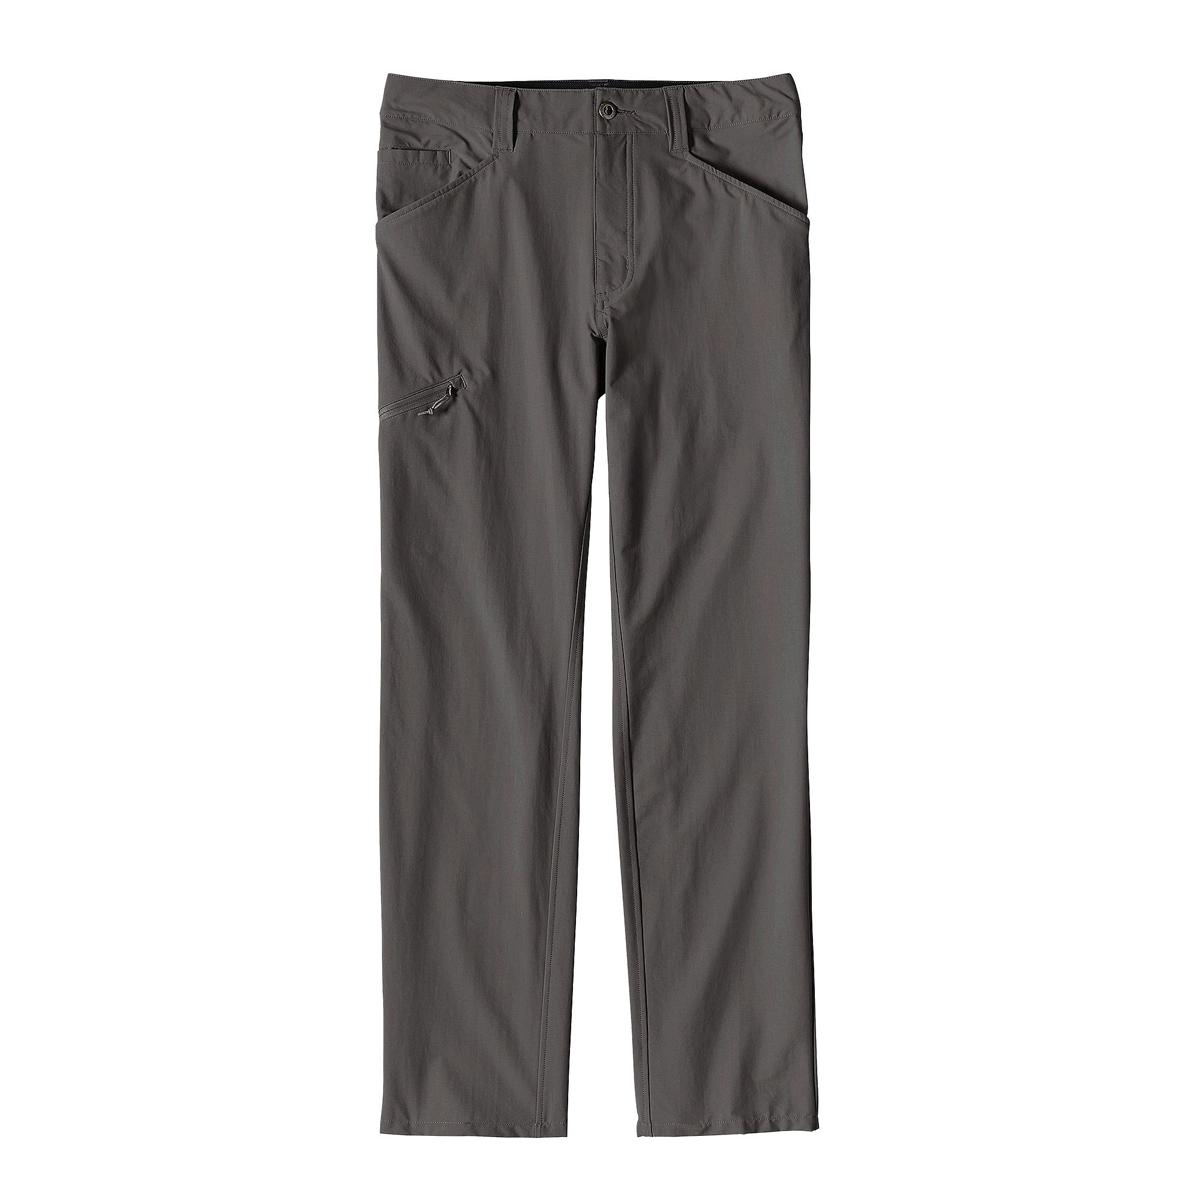 Patagonia Men's Quandary Pants - Long (55186)